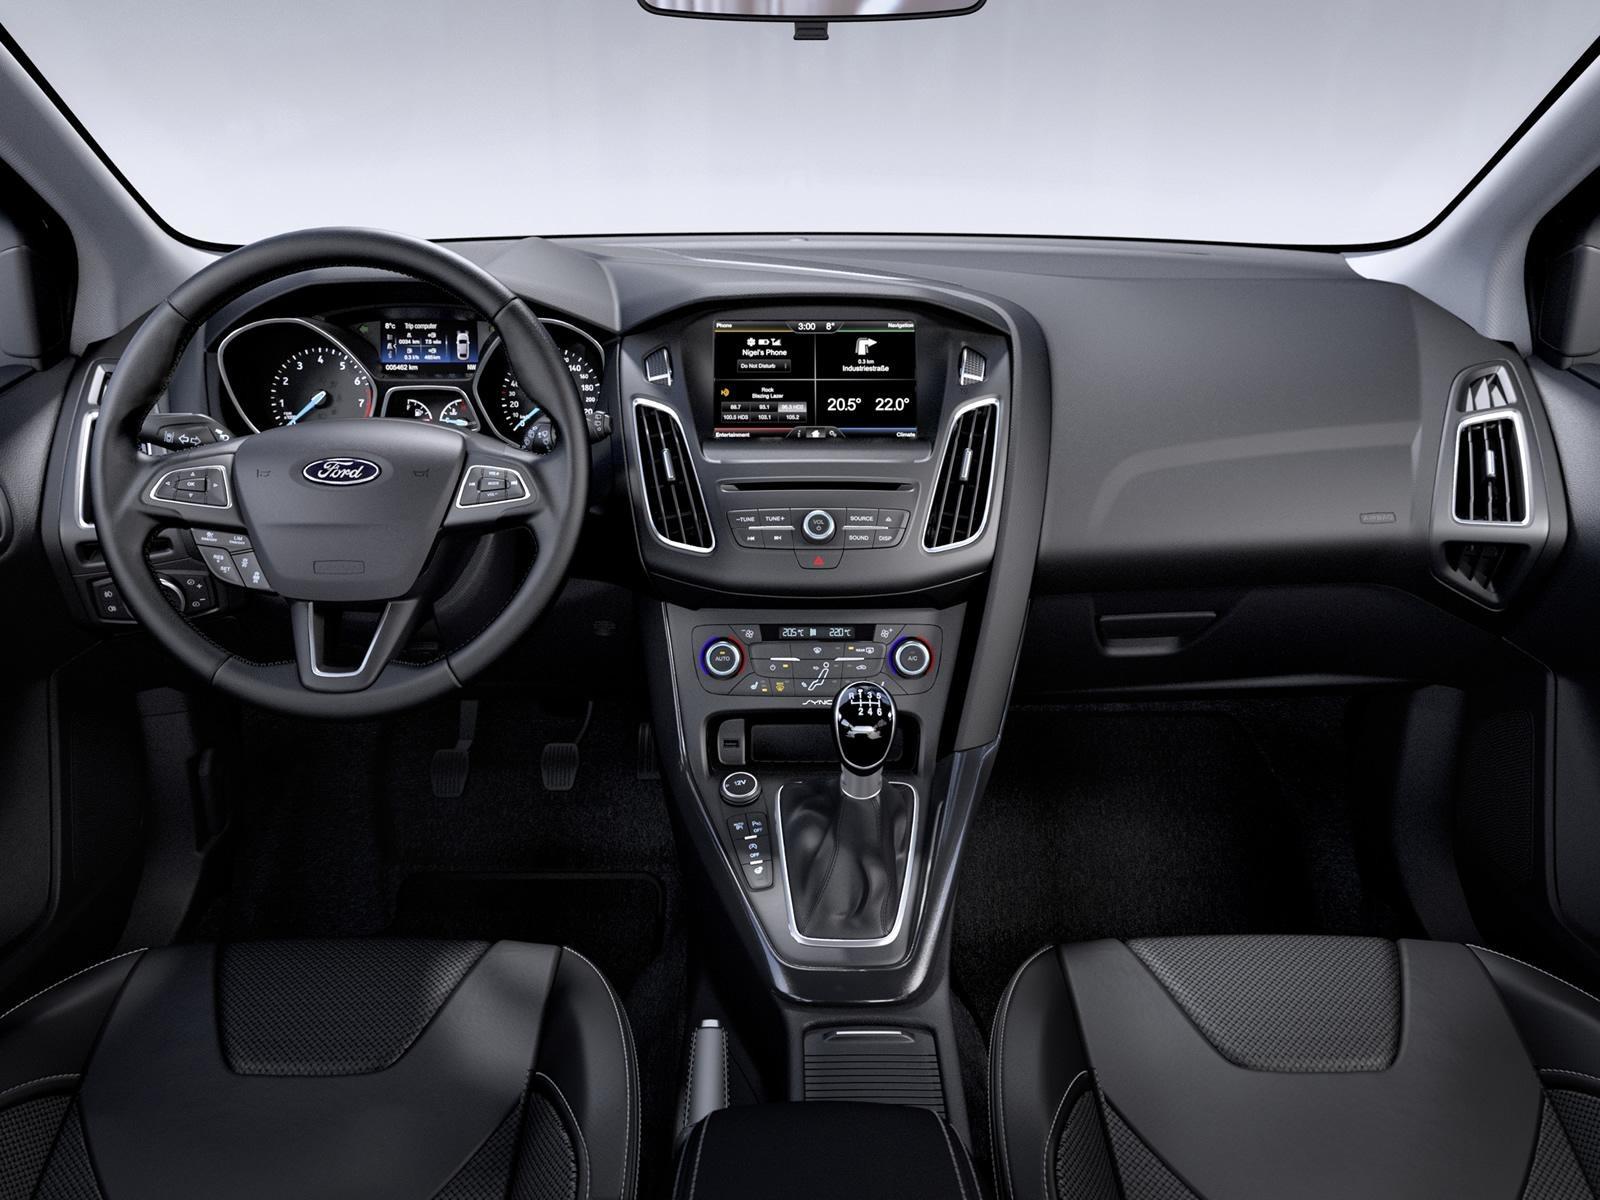 2015 ford focus ecoboost manual transmission only. Black Bedroom Furniture Sets. Home Design Ideas